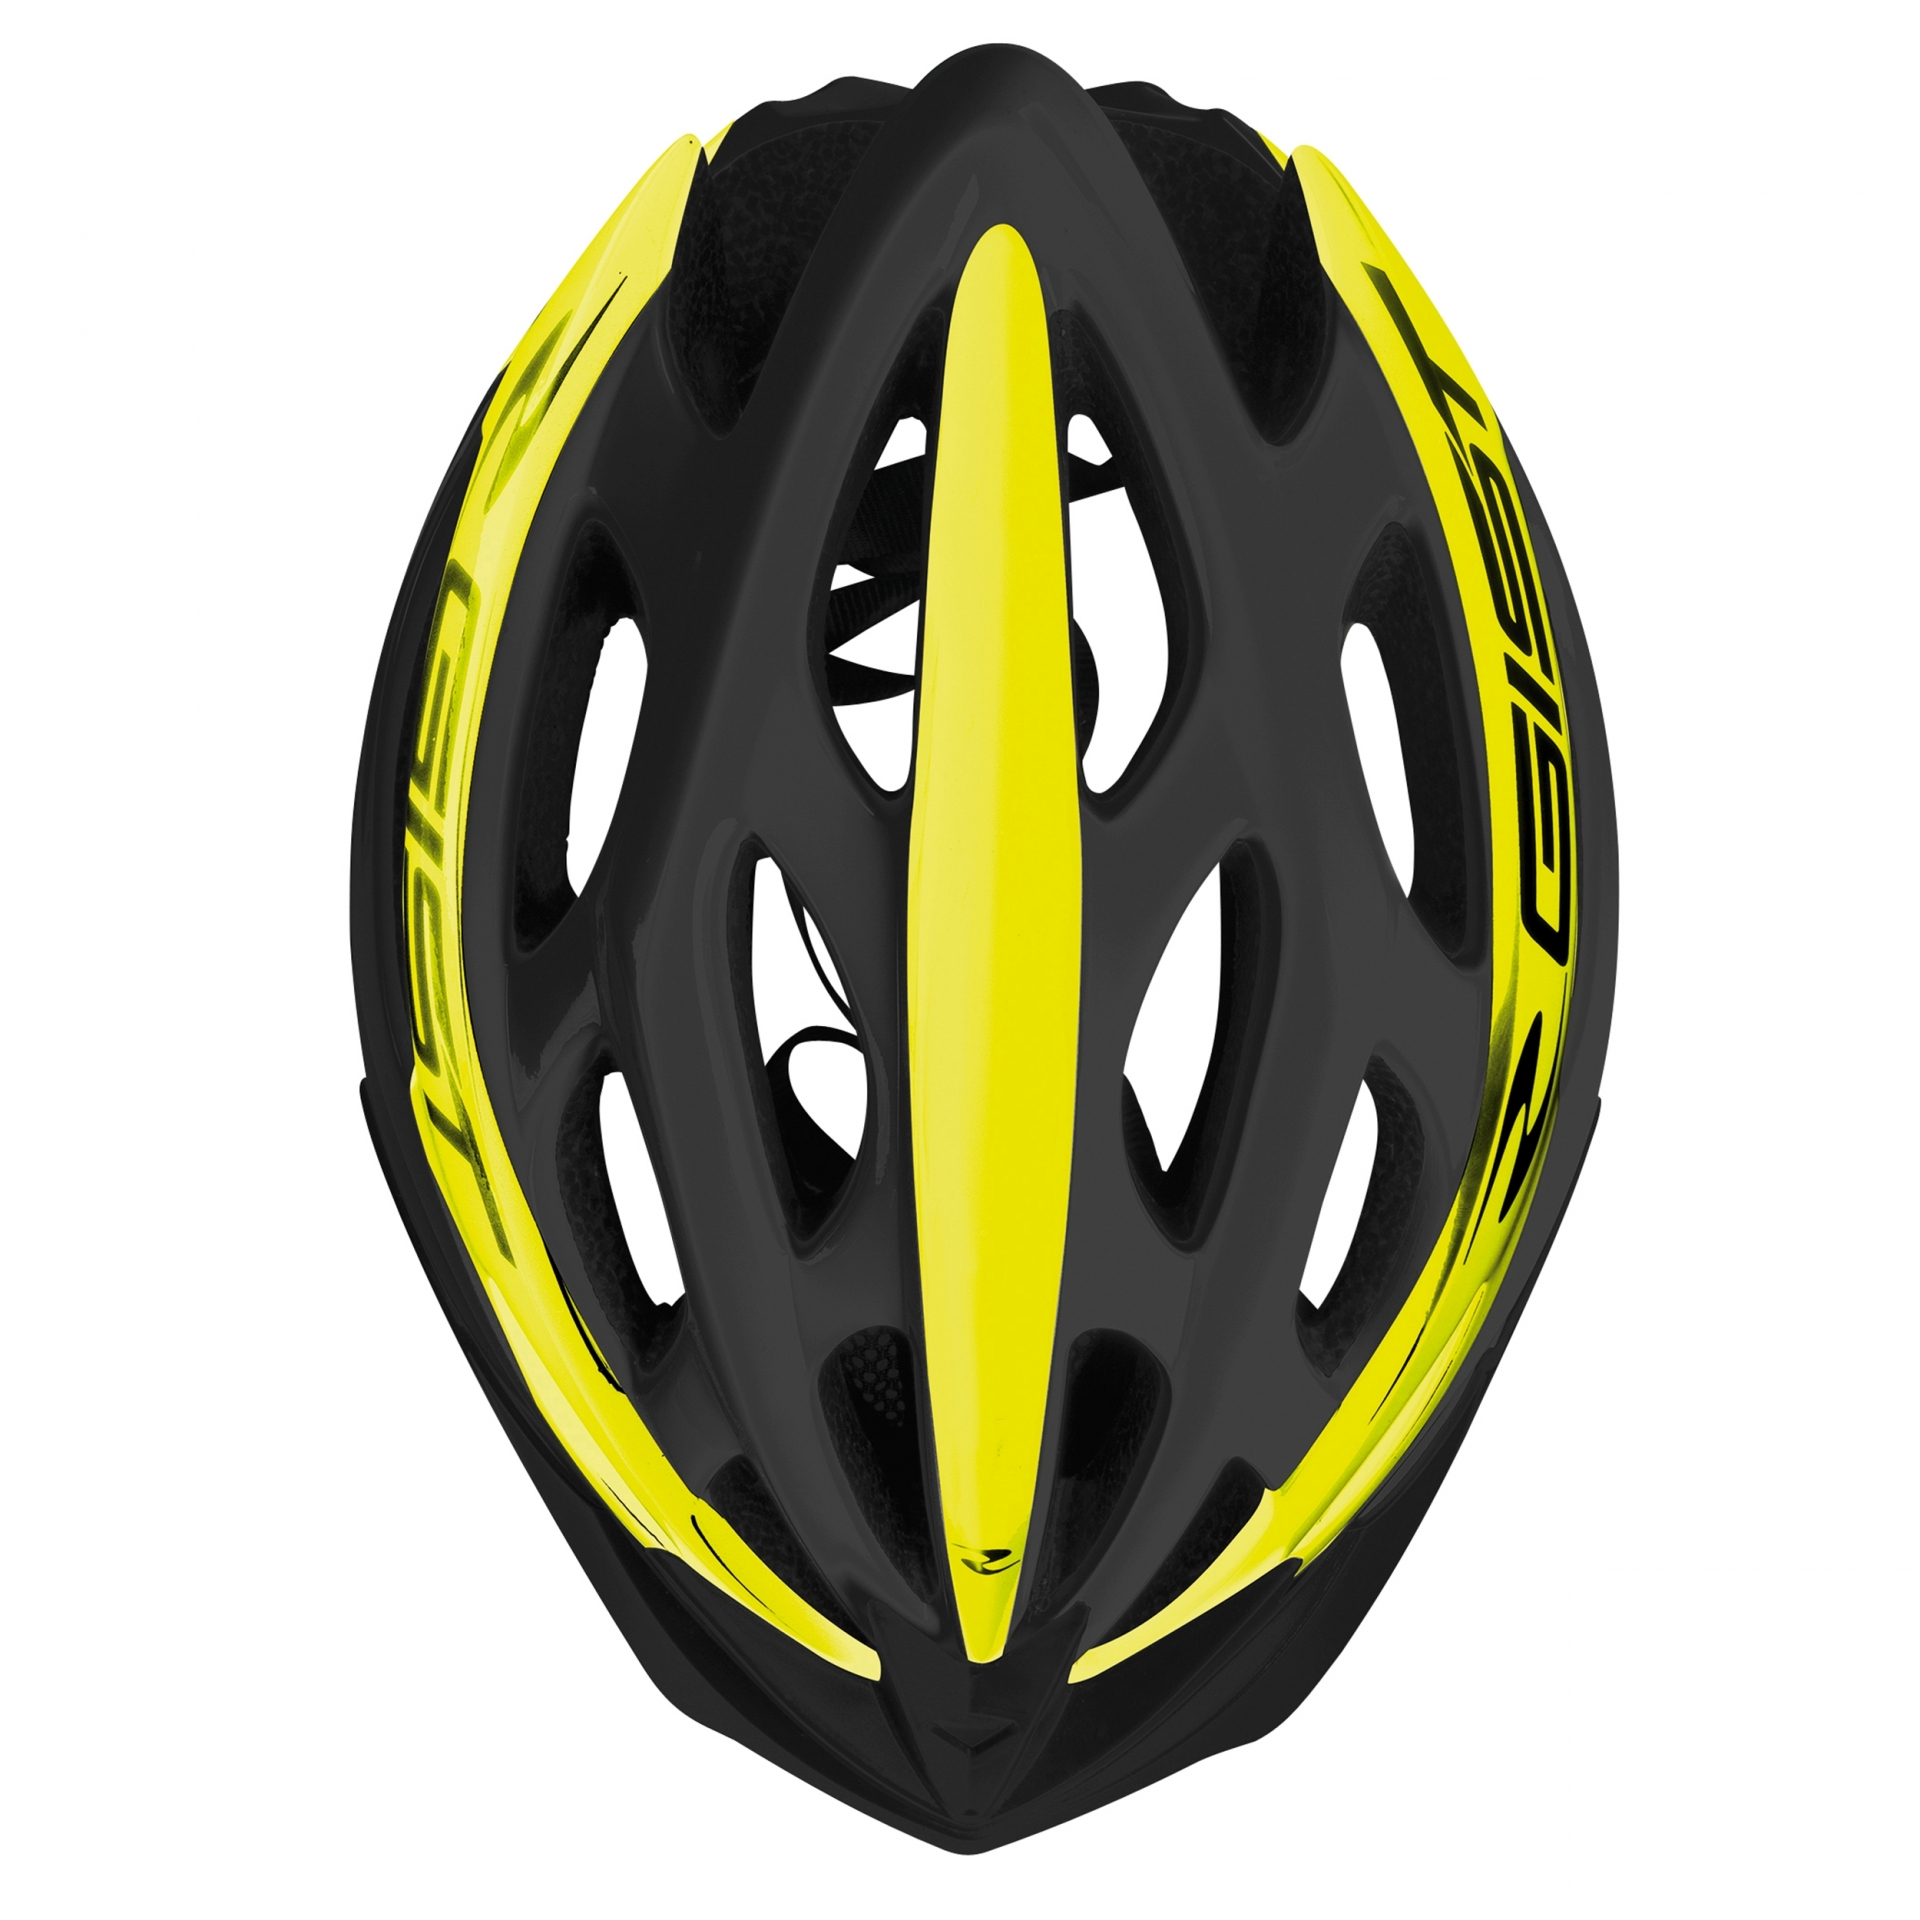 Casque Vélo GIST Faster Noir/Jaune Fluo - 52-58 cm